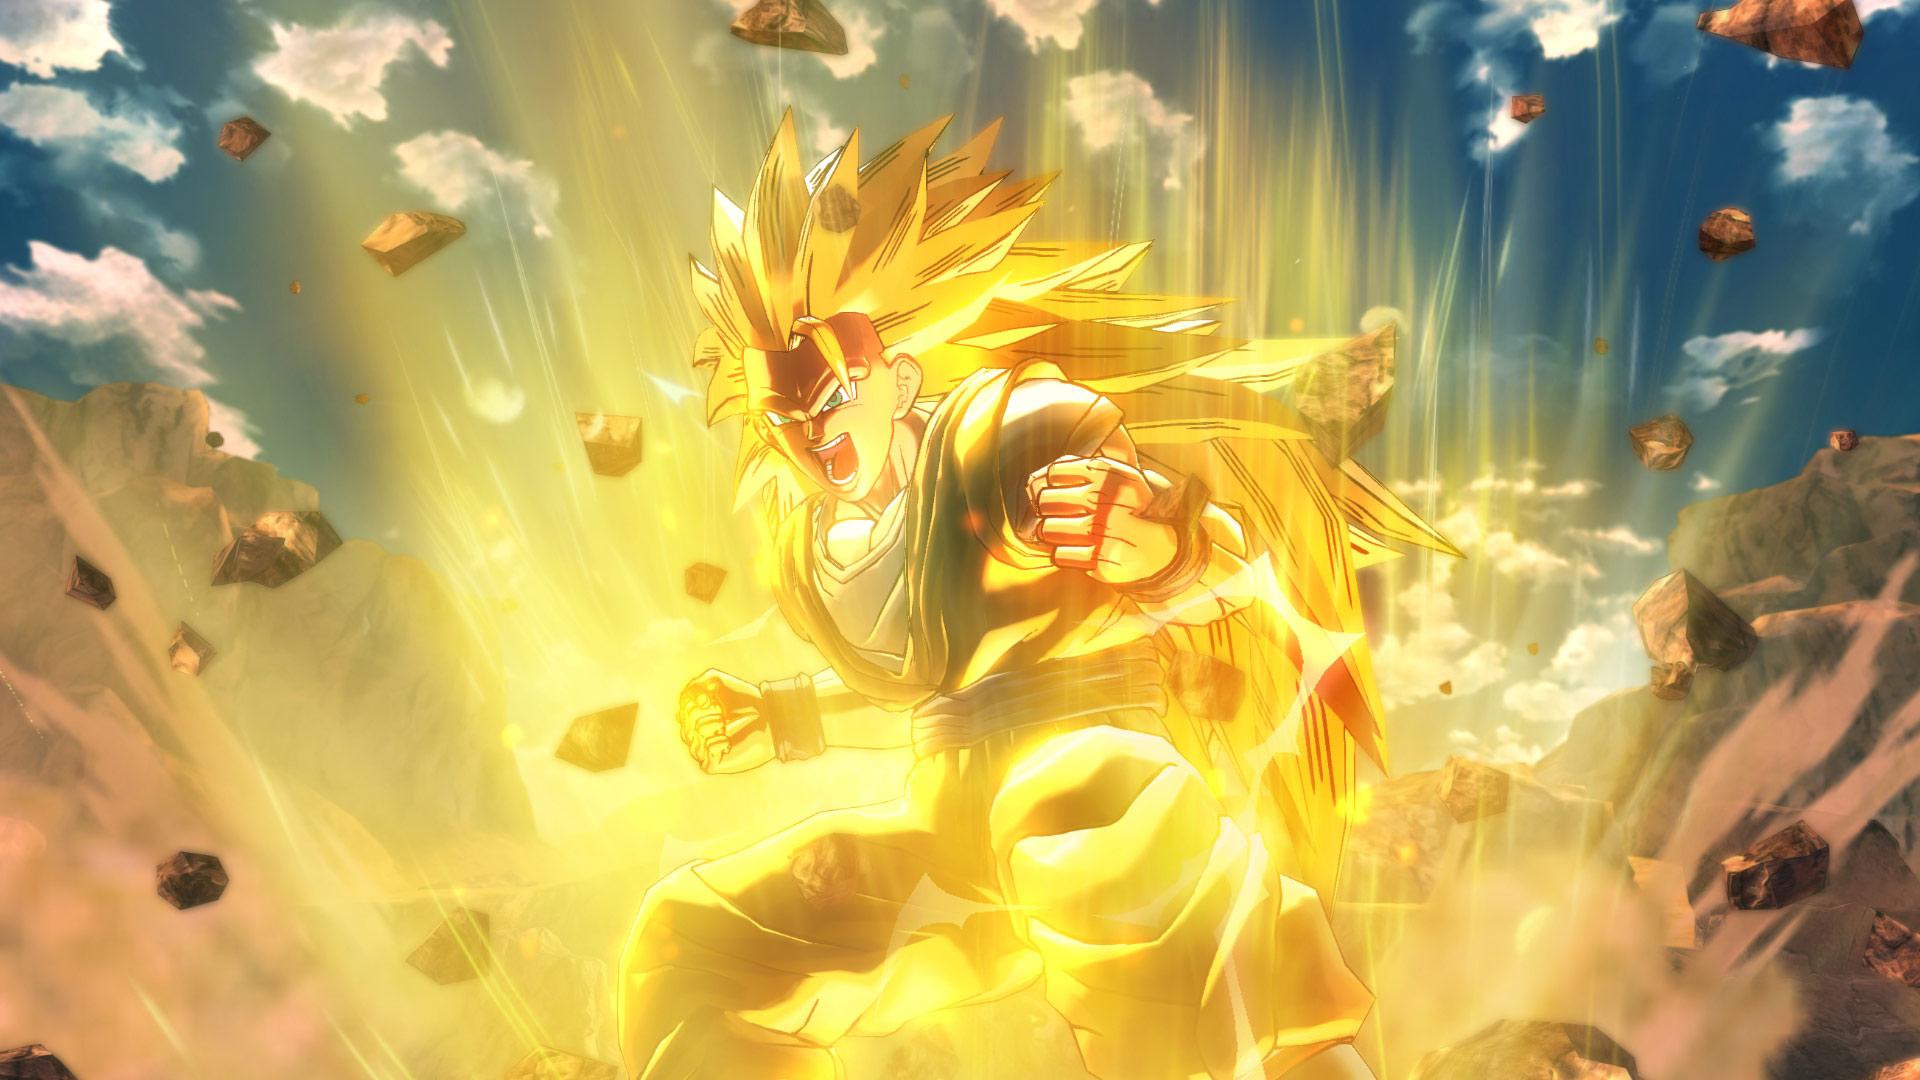 Dragon Ball: Xenoverse 2 image 3